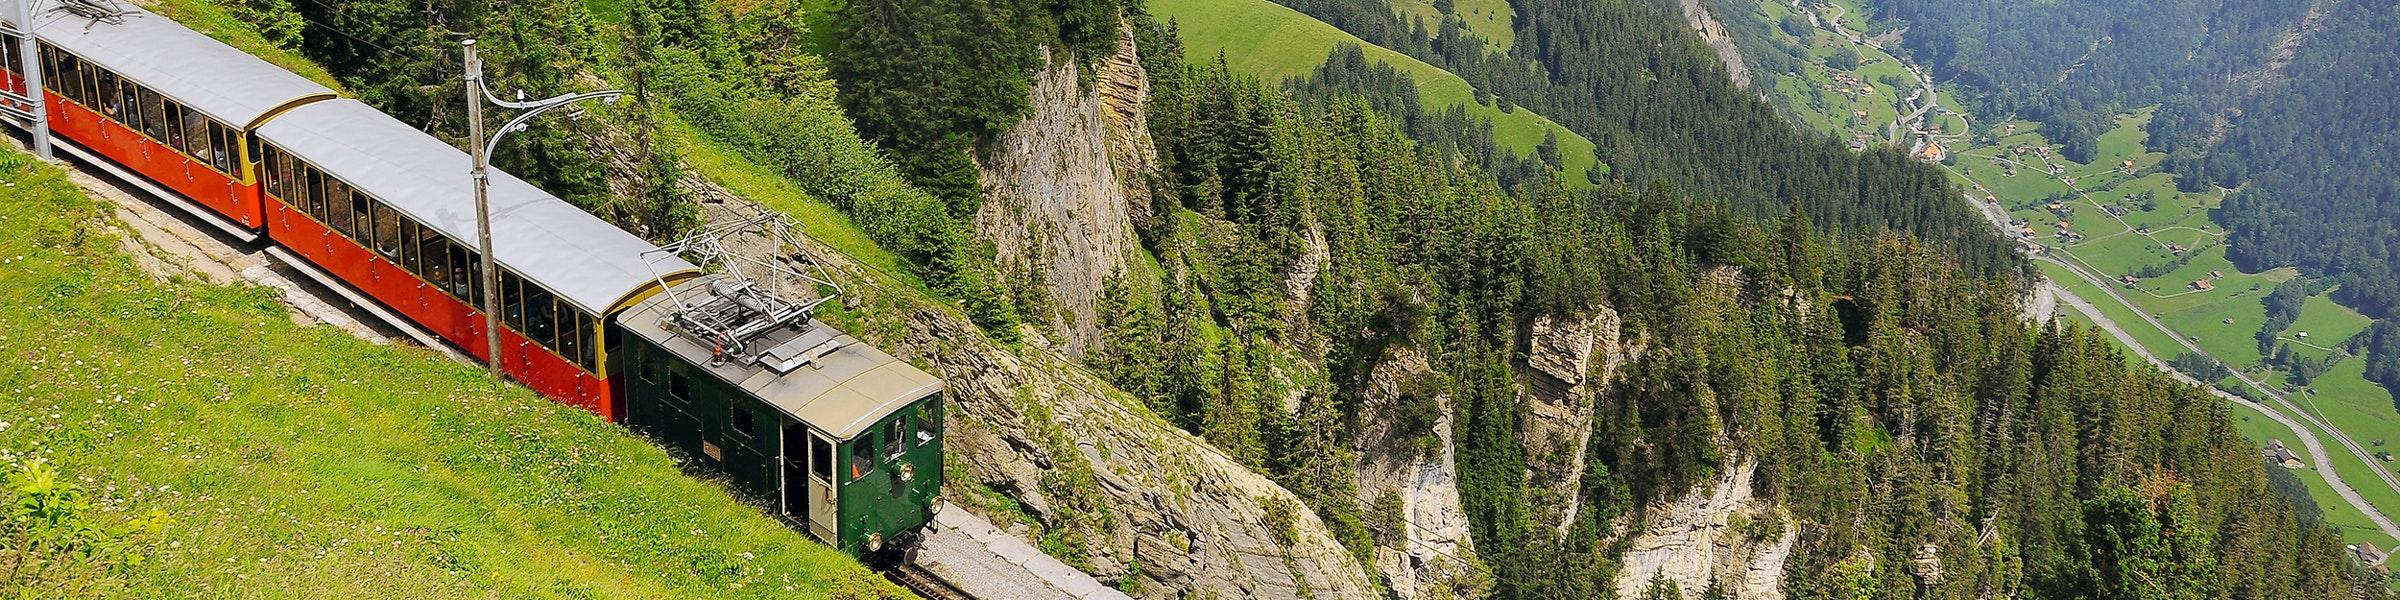 Schynige Platte train